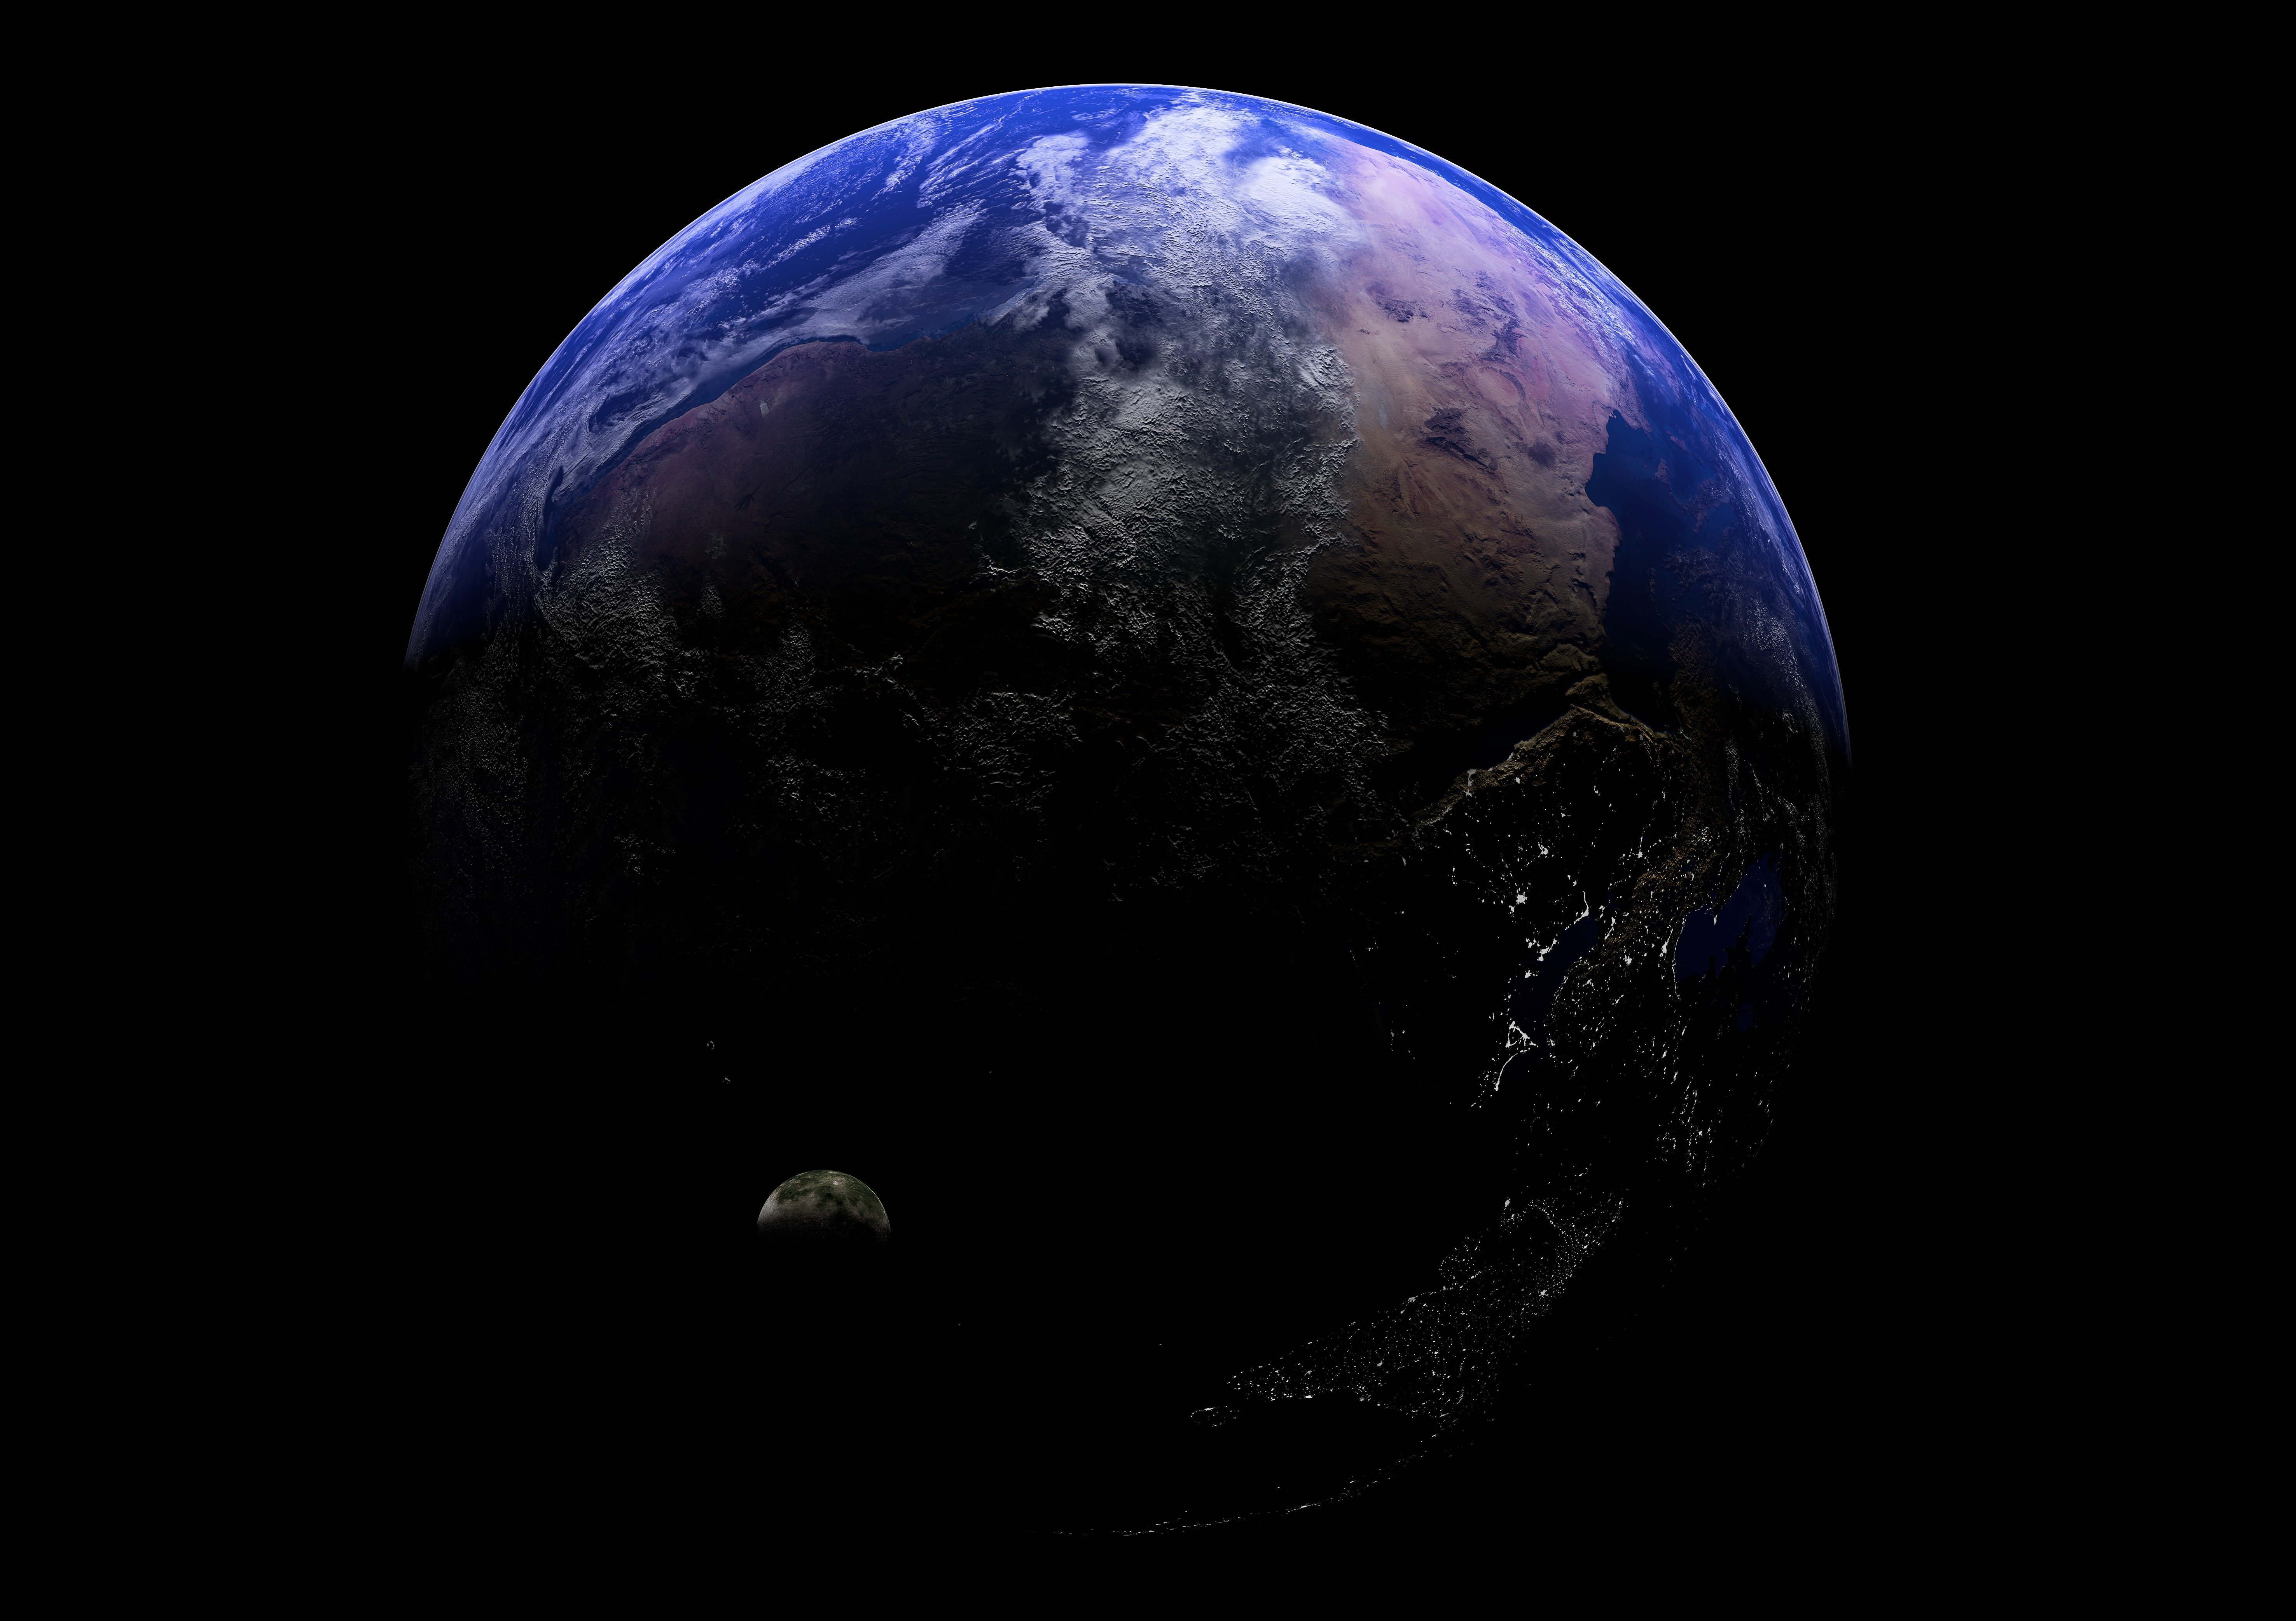 Обои космос земля спутник картинки на рабочий стол на тему Космос - скачать  № 1758129 бесплатно